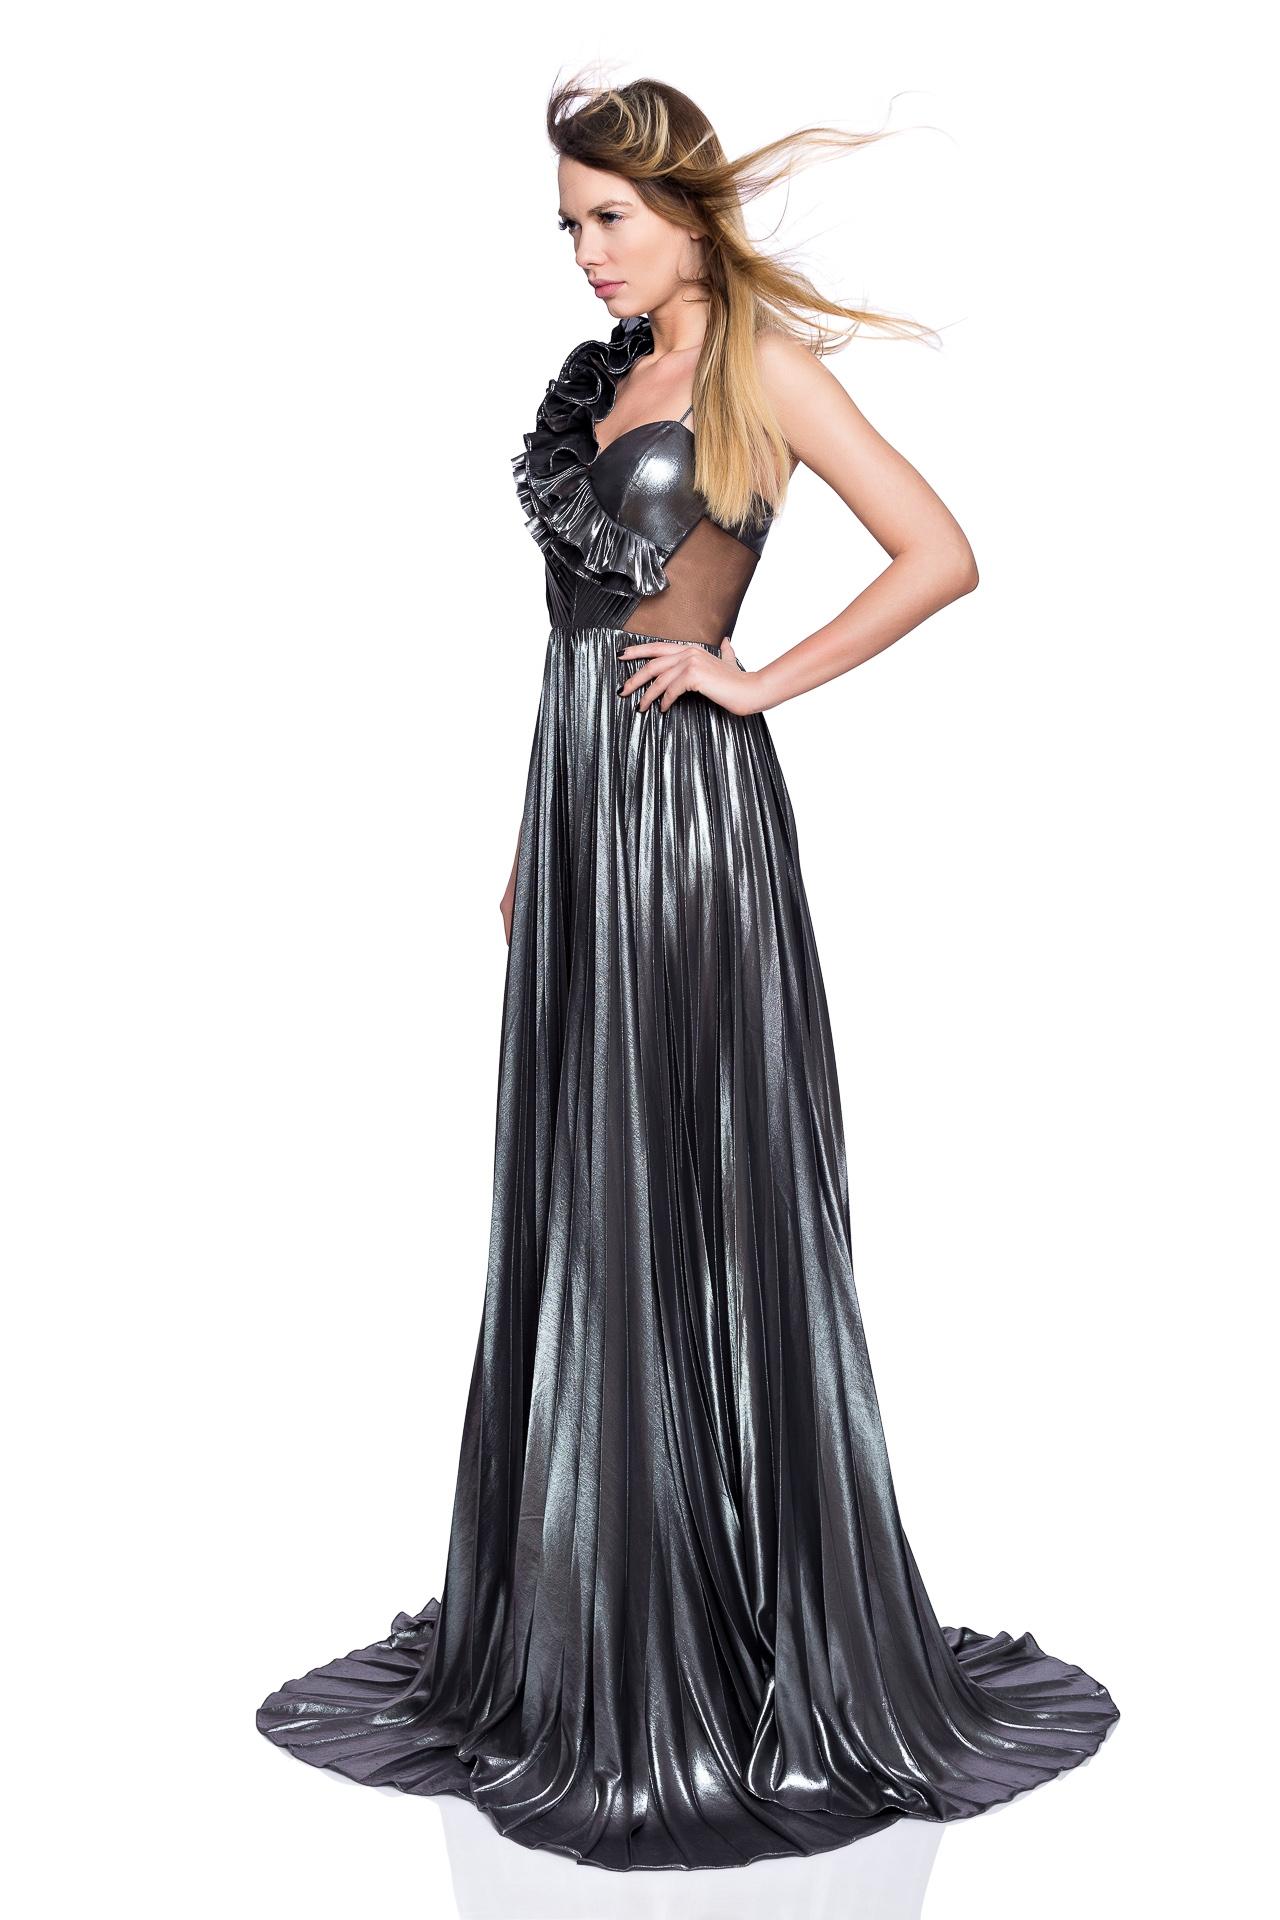 Long ruffled metallic gown